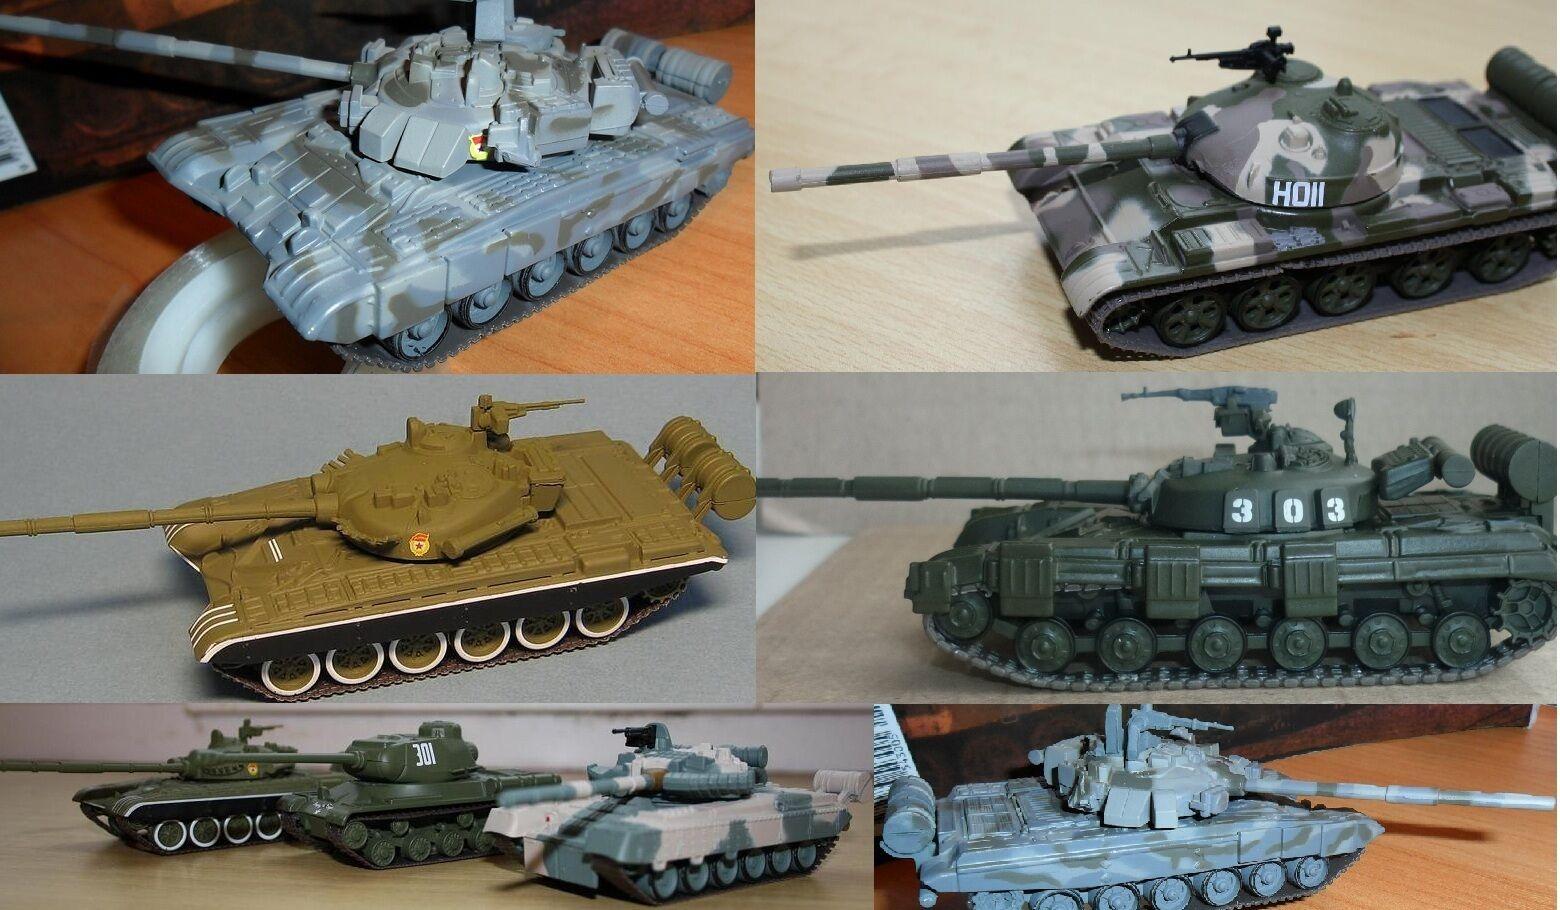 1 72 Soviet tank véhicule militaire Diecast modèle par choix de 1 à 110